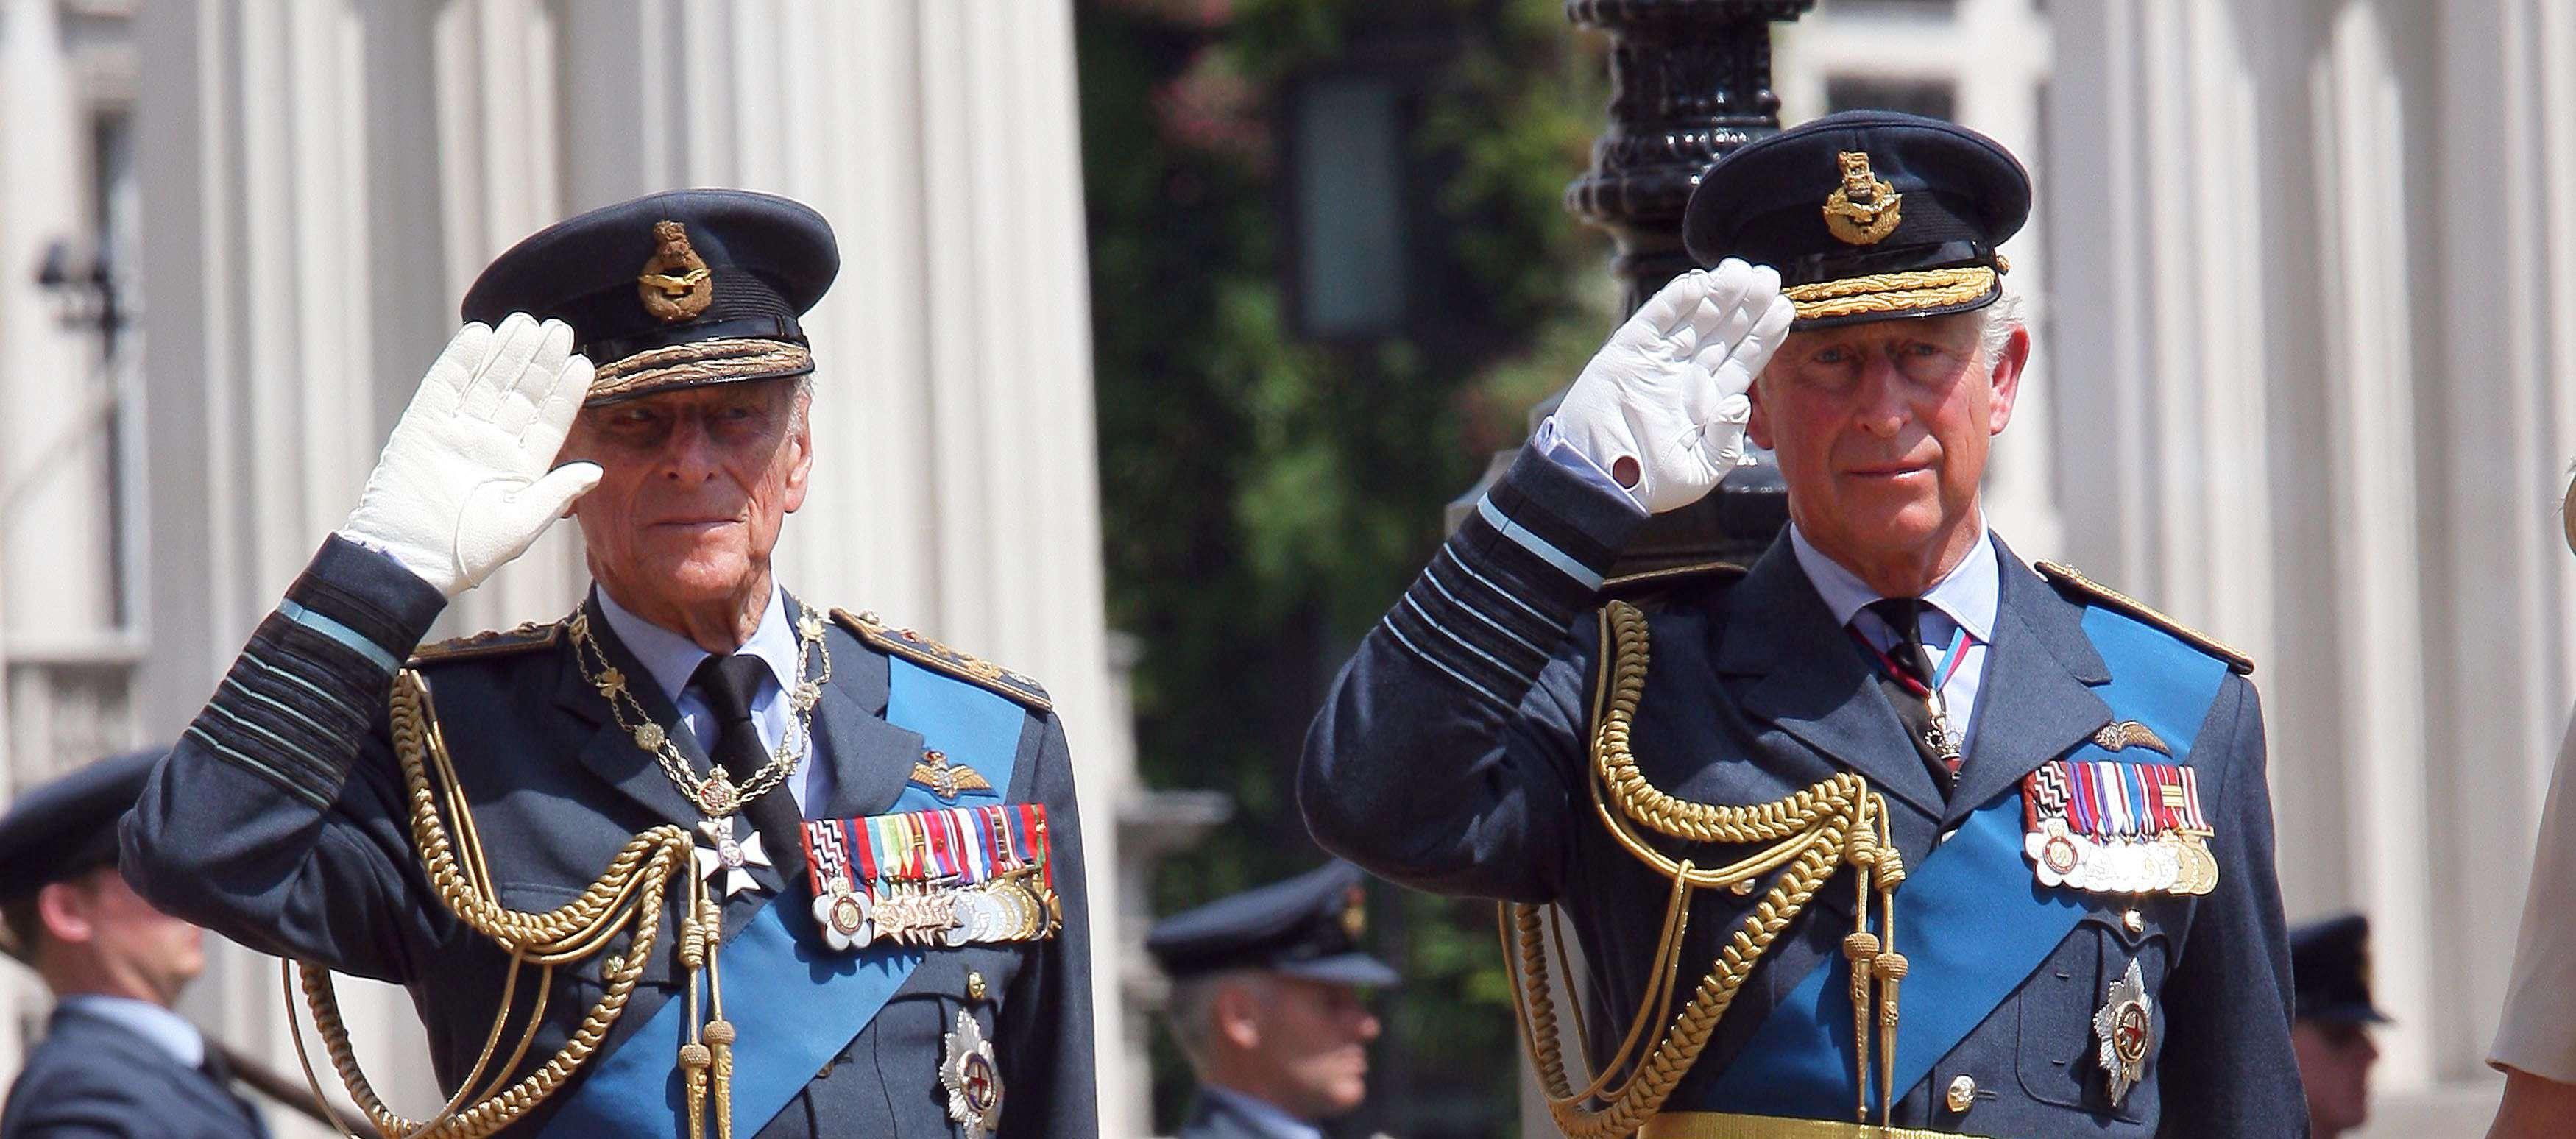 Le prince Charles et son défunt père le prince Philip en 2012.